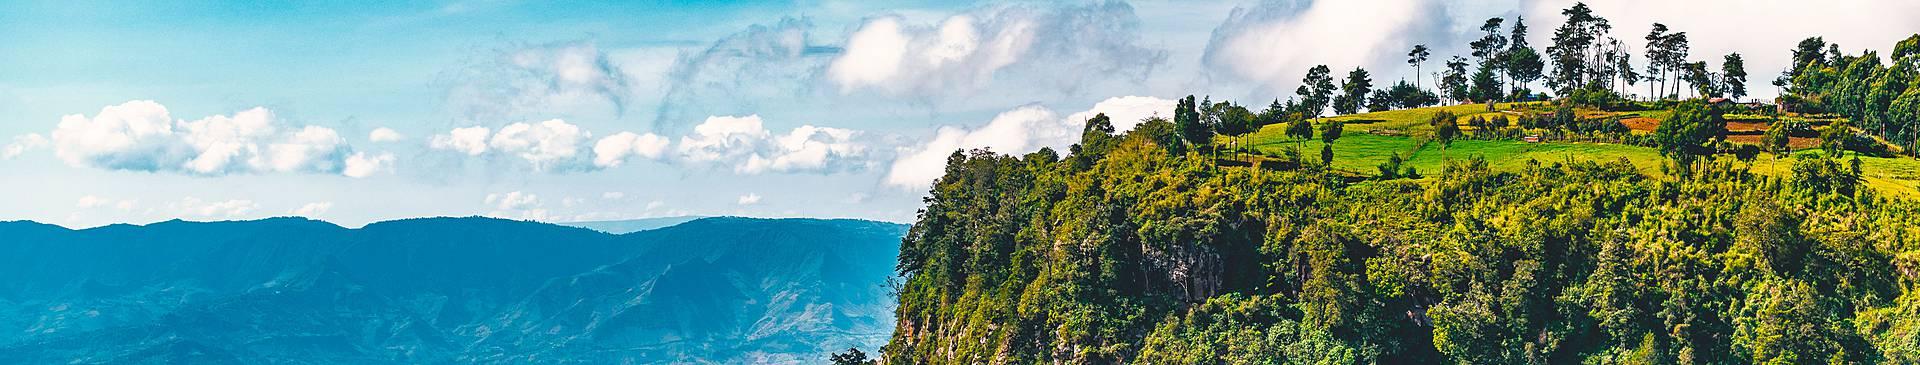 Nature in Kenya